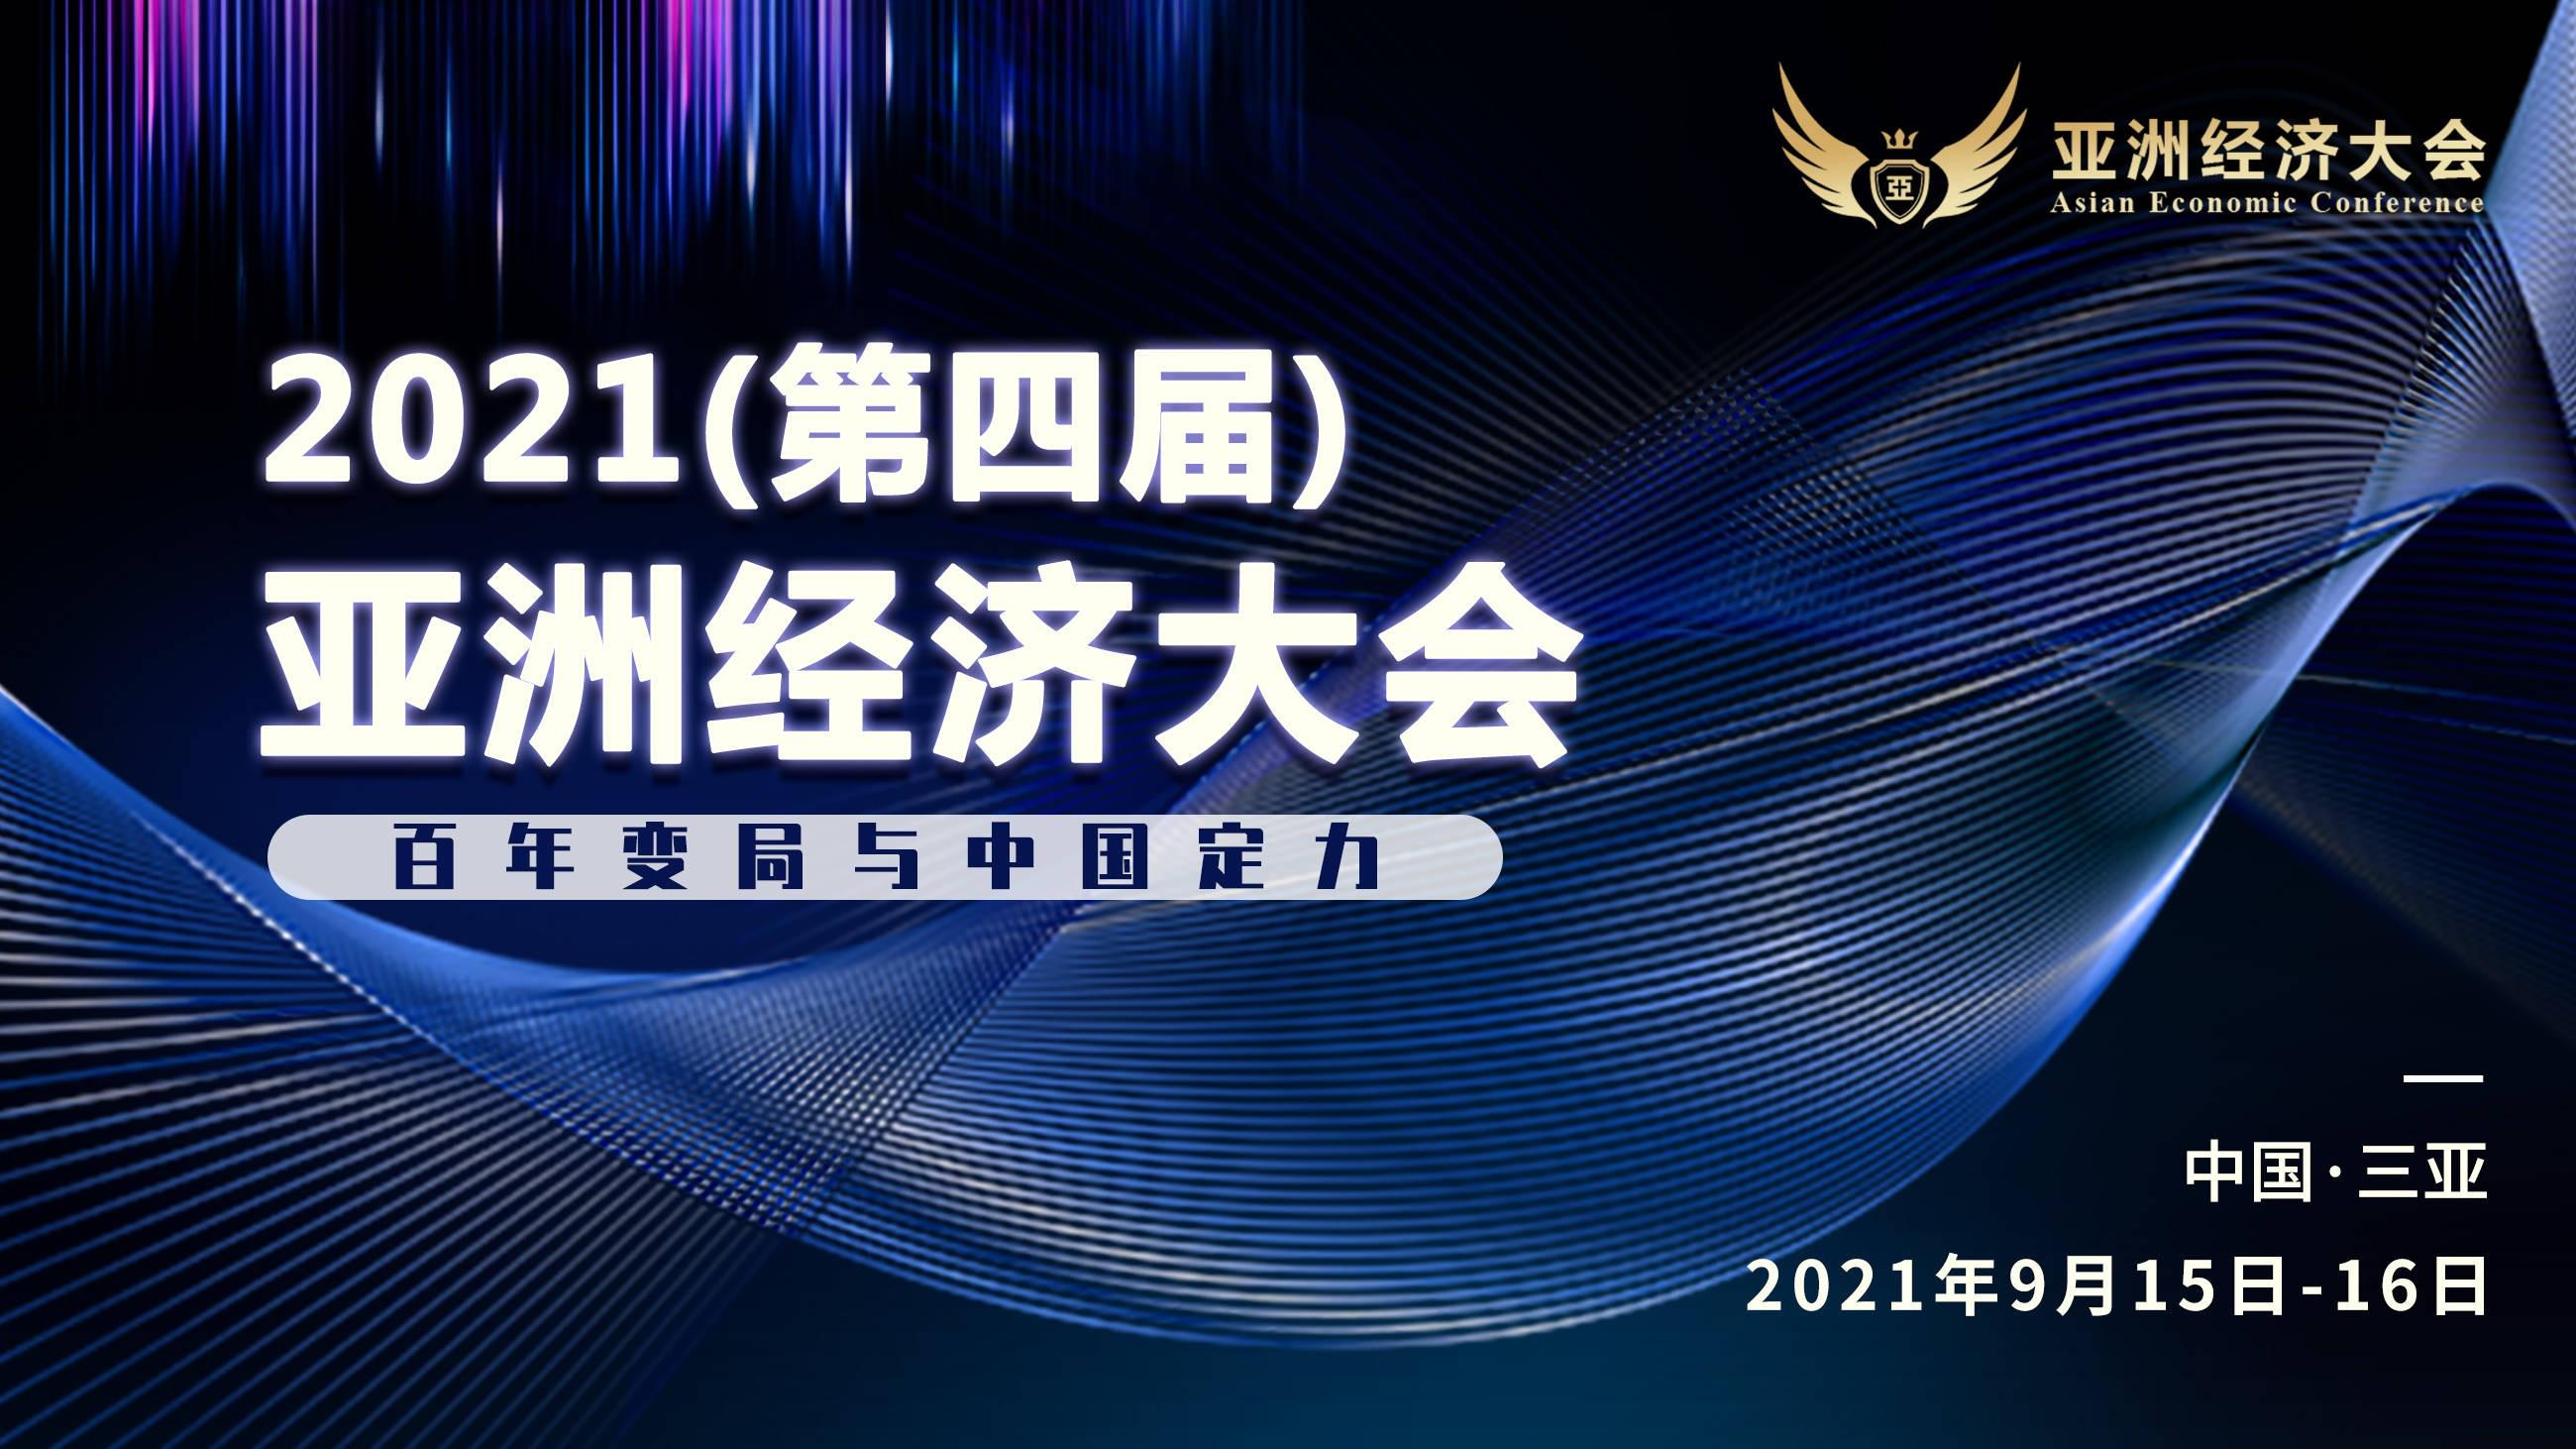 喜讯 | 侣行家公寓受邀参加2021亚洲经济大会